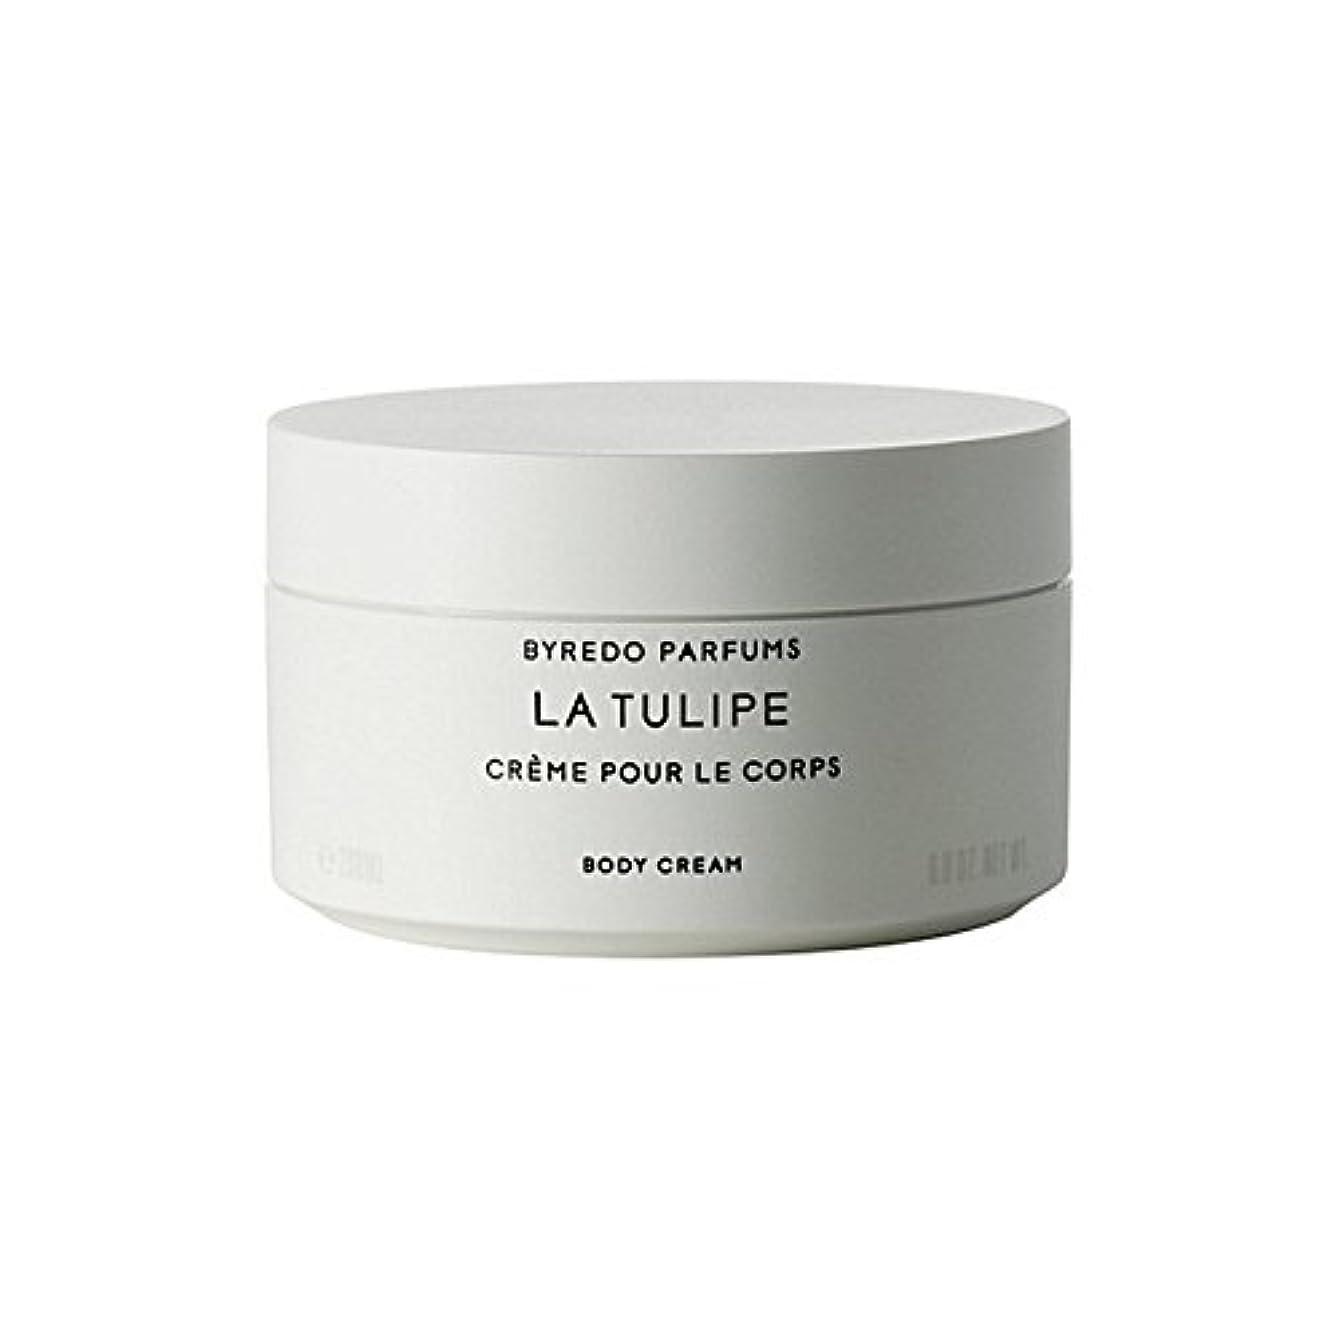 忙しいキルス時間厳守Byredo La Tulipe Body Cream 200ml (Pack of 6) - ラチューリップボディクリーム200ミリリットル x6 [並行輸入品]